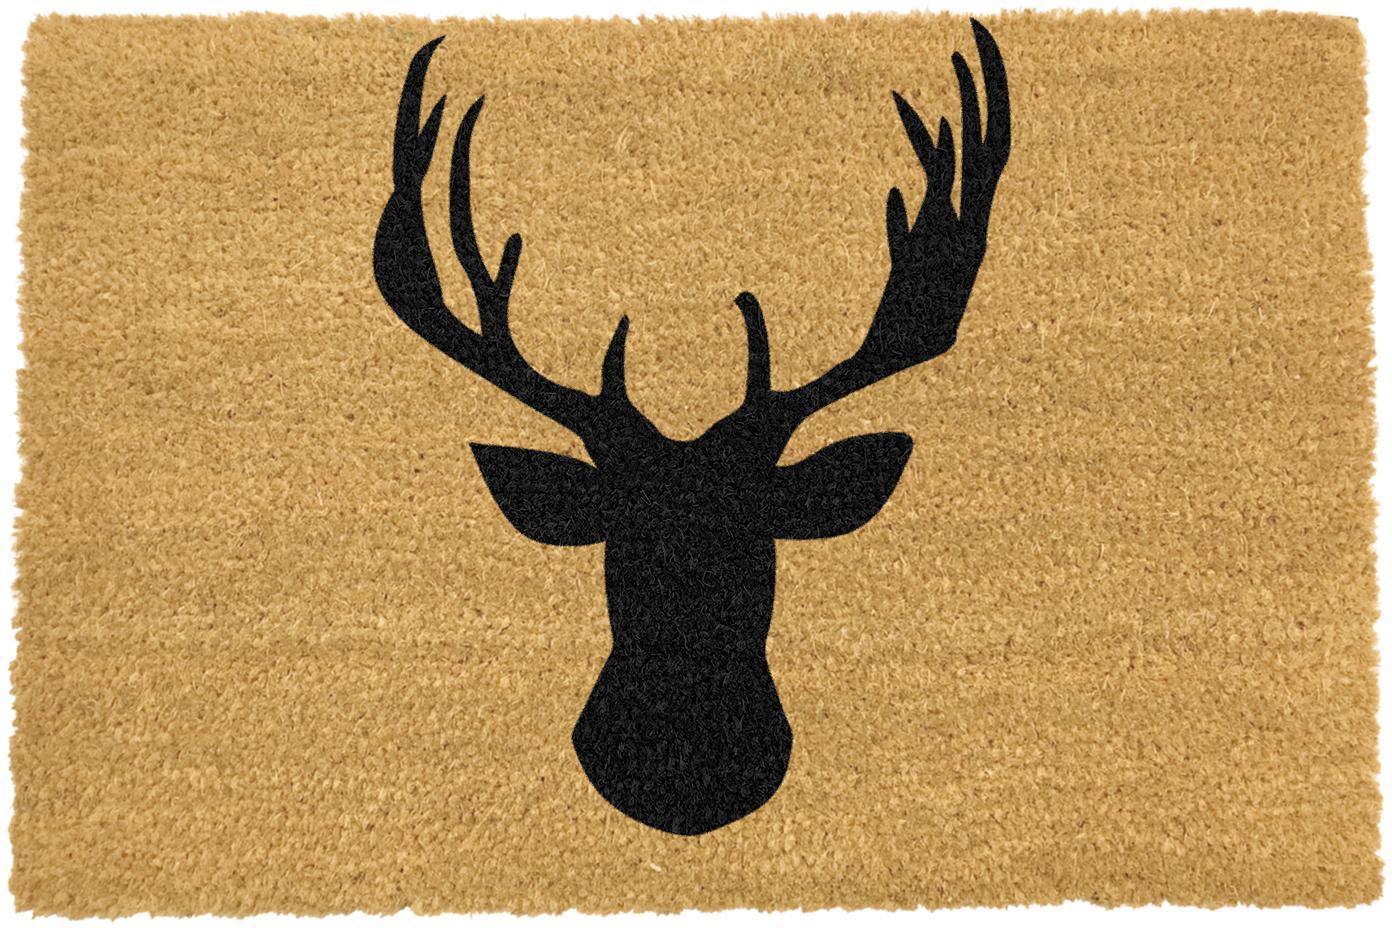 Fußmatte Stagshead, Kokosfaser, Fußmatte: Beige, Schriftzug: Schwarz, 40 x 60 cm